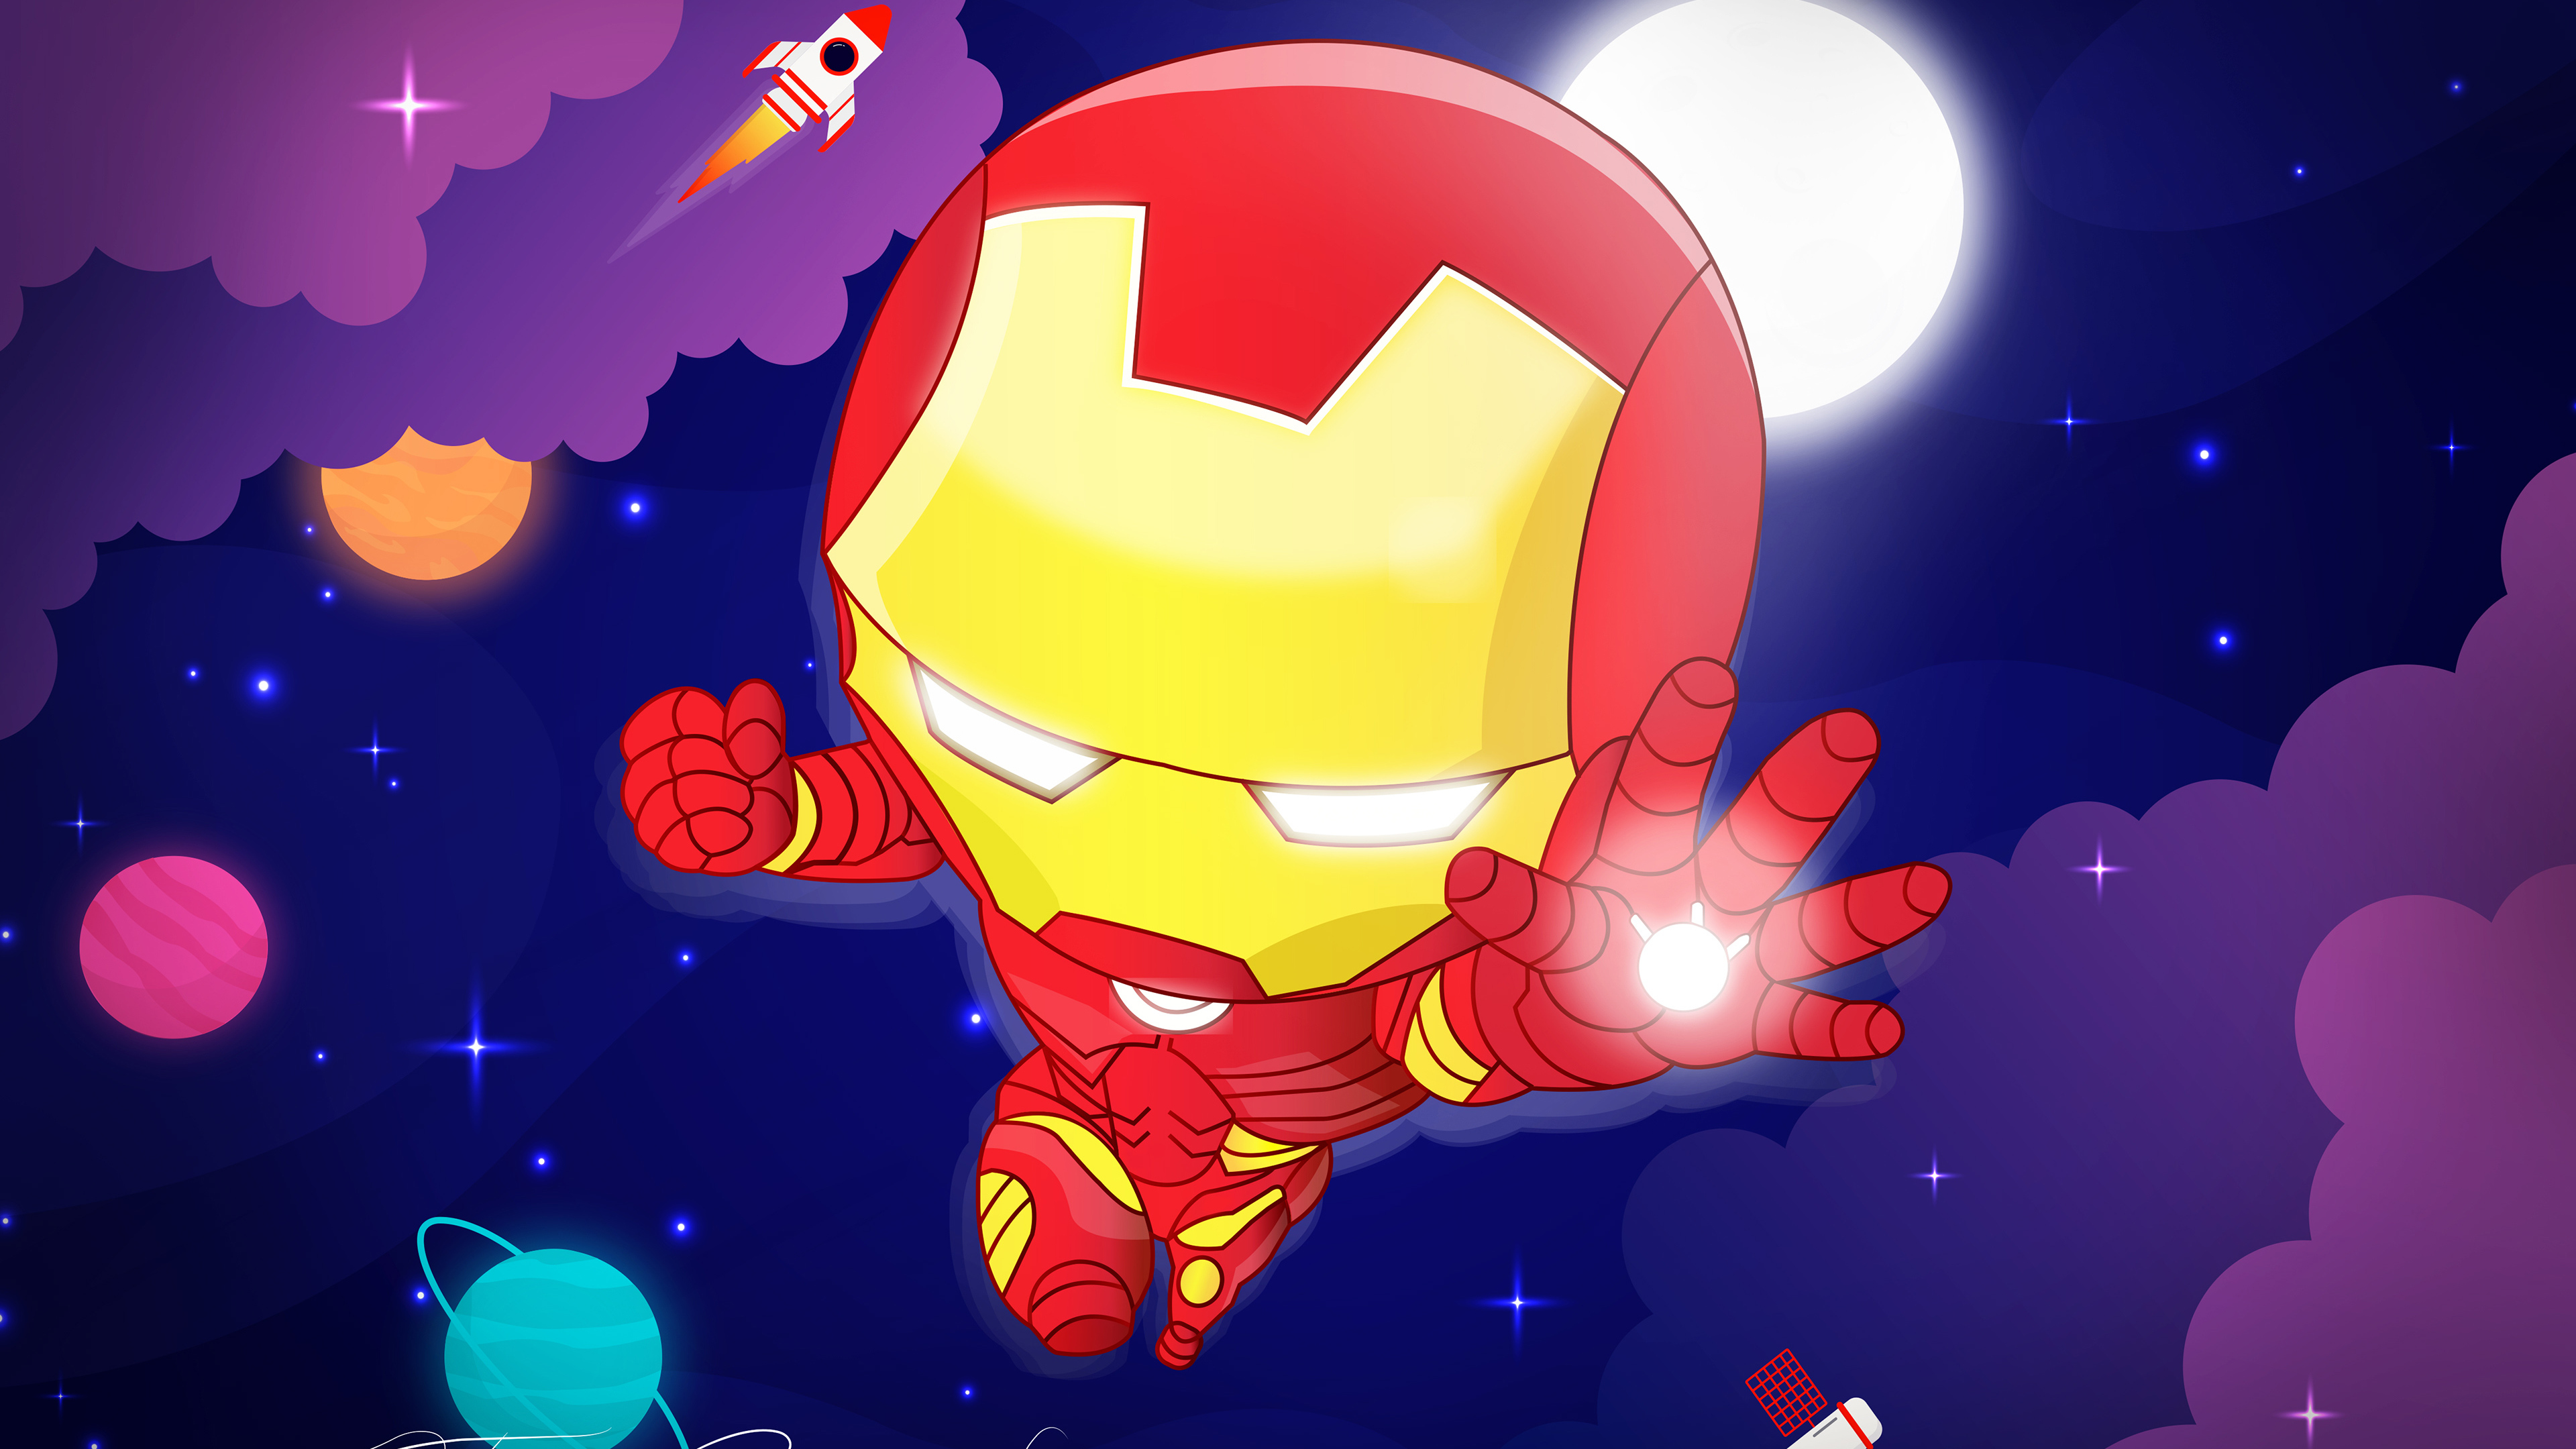 chibi iron man 4k 1554245009 - Chibi Iron Man 4k - superheroes wallpapers, iron man wallpapers, hd-wallpapers, digital art wallpapers, behance wallpapers, artwork wallpapers, 4k-wallpapers